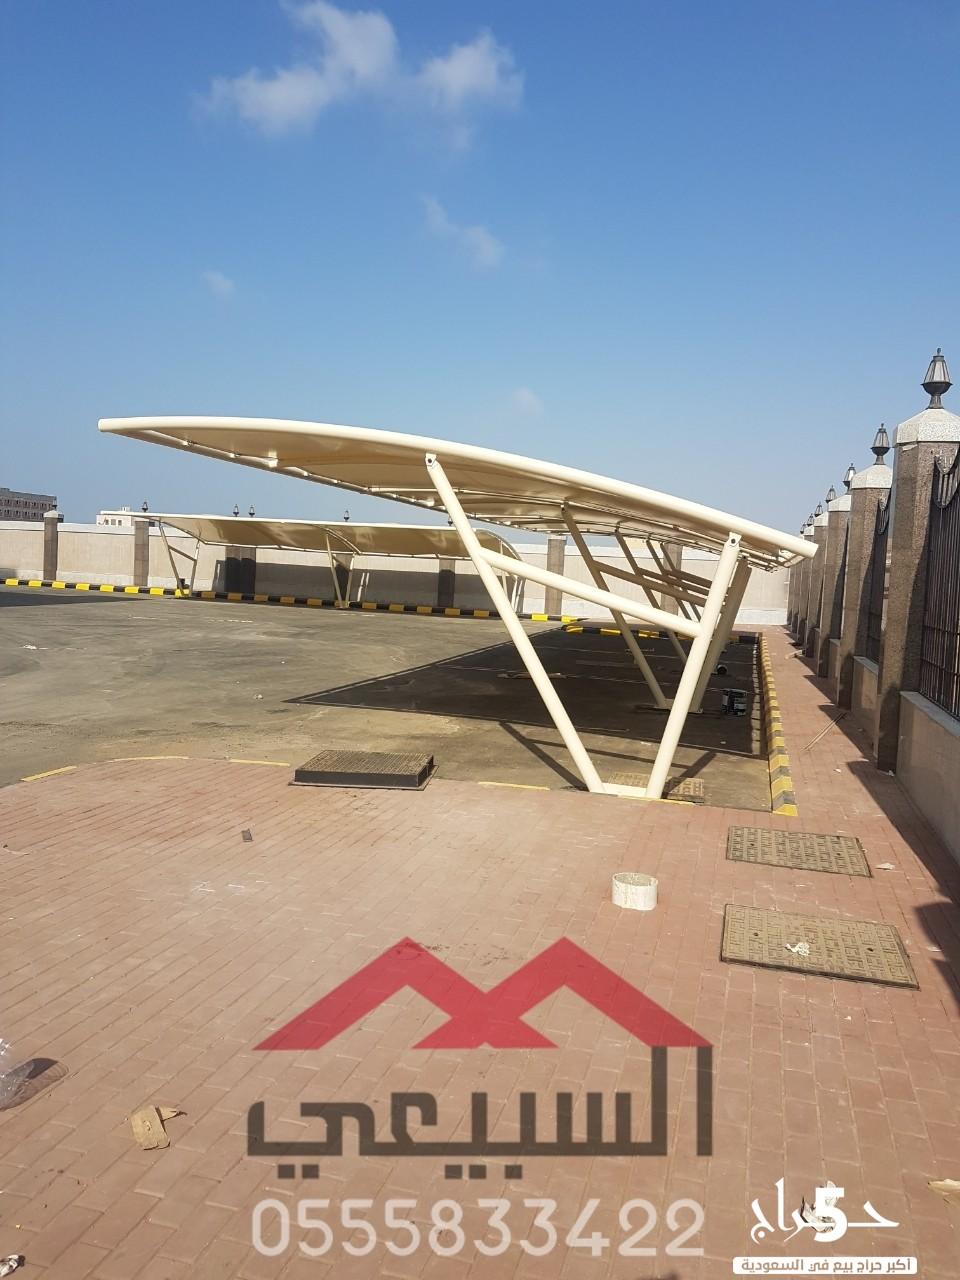 تنفيذ مشاريع مظلات و مظلات مواقف سيارات, تركيب مظلات الرياض جودة عالية, 0508974586